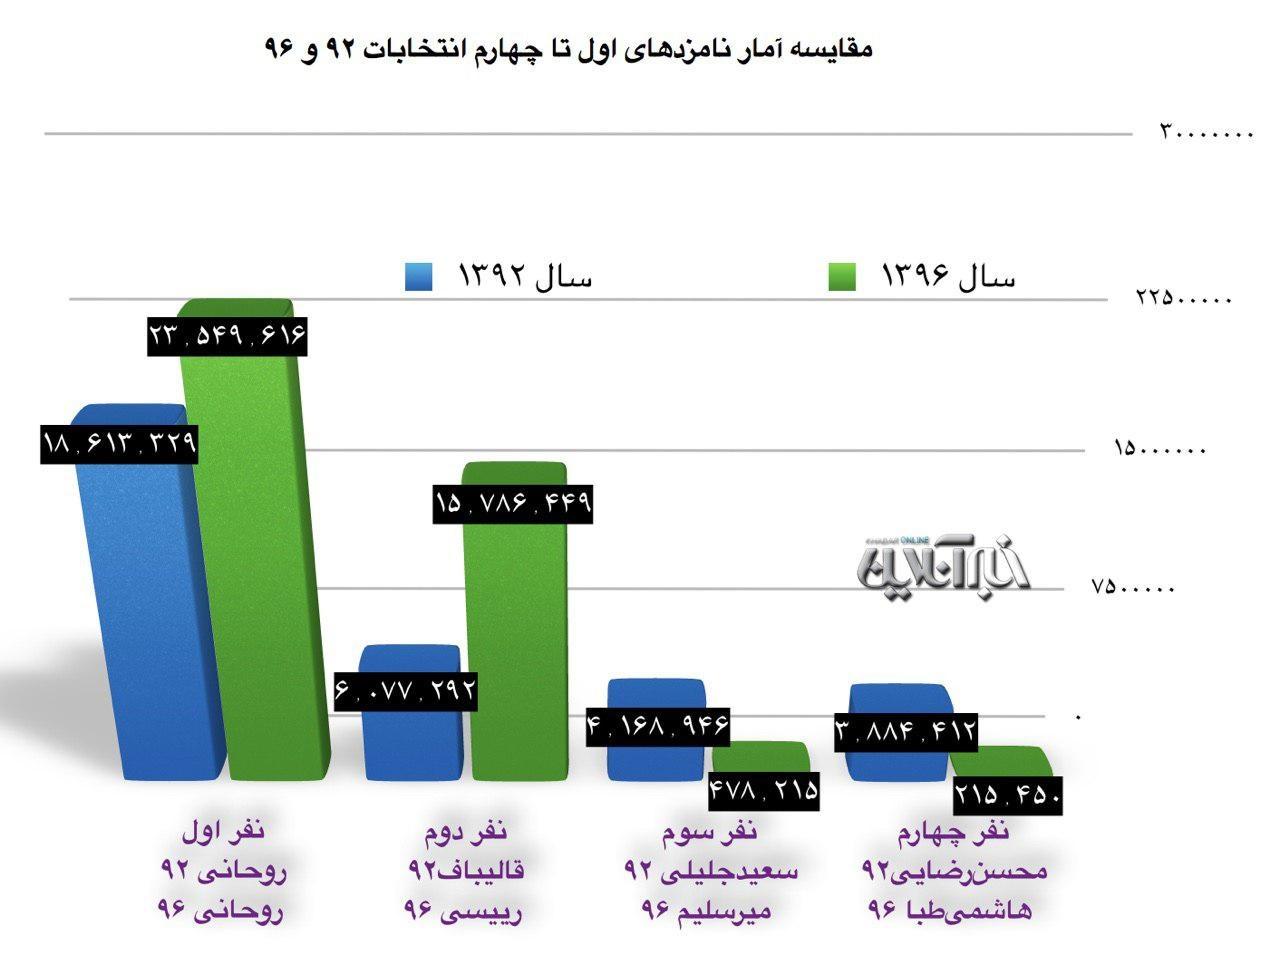 مقایسه آراء انتخابات ریاستجمهوری ۹۲و۹۶/ رئیسی ۲.۵ برابر قالیباف رأی آورد/ روحانی رکورد خودش را زد